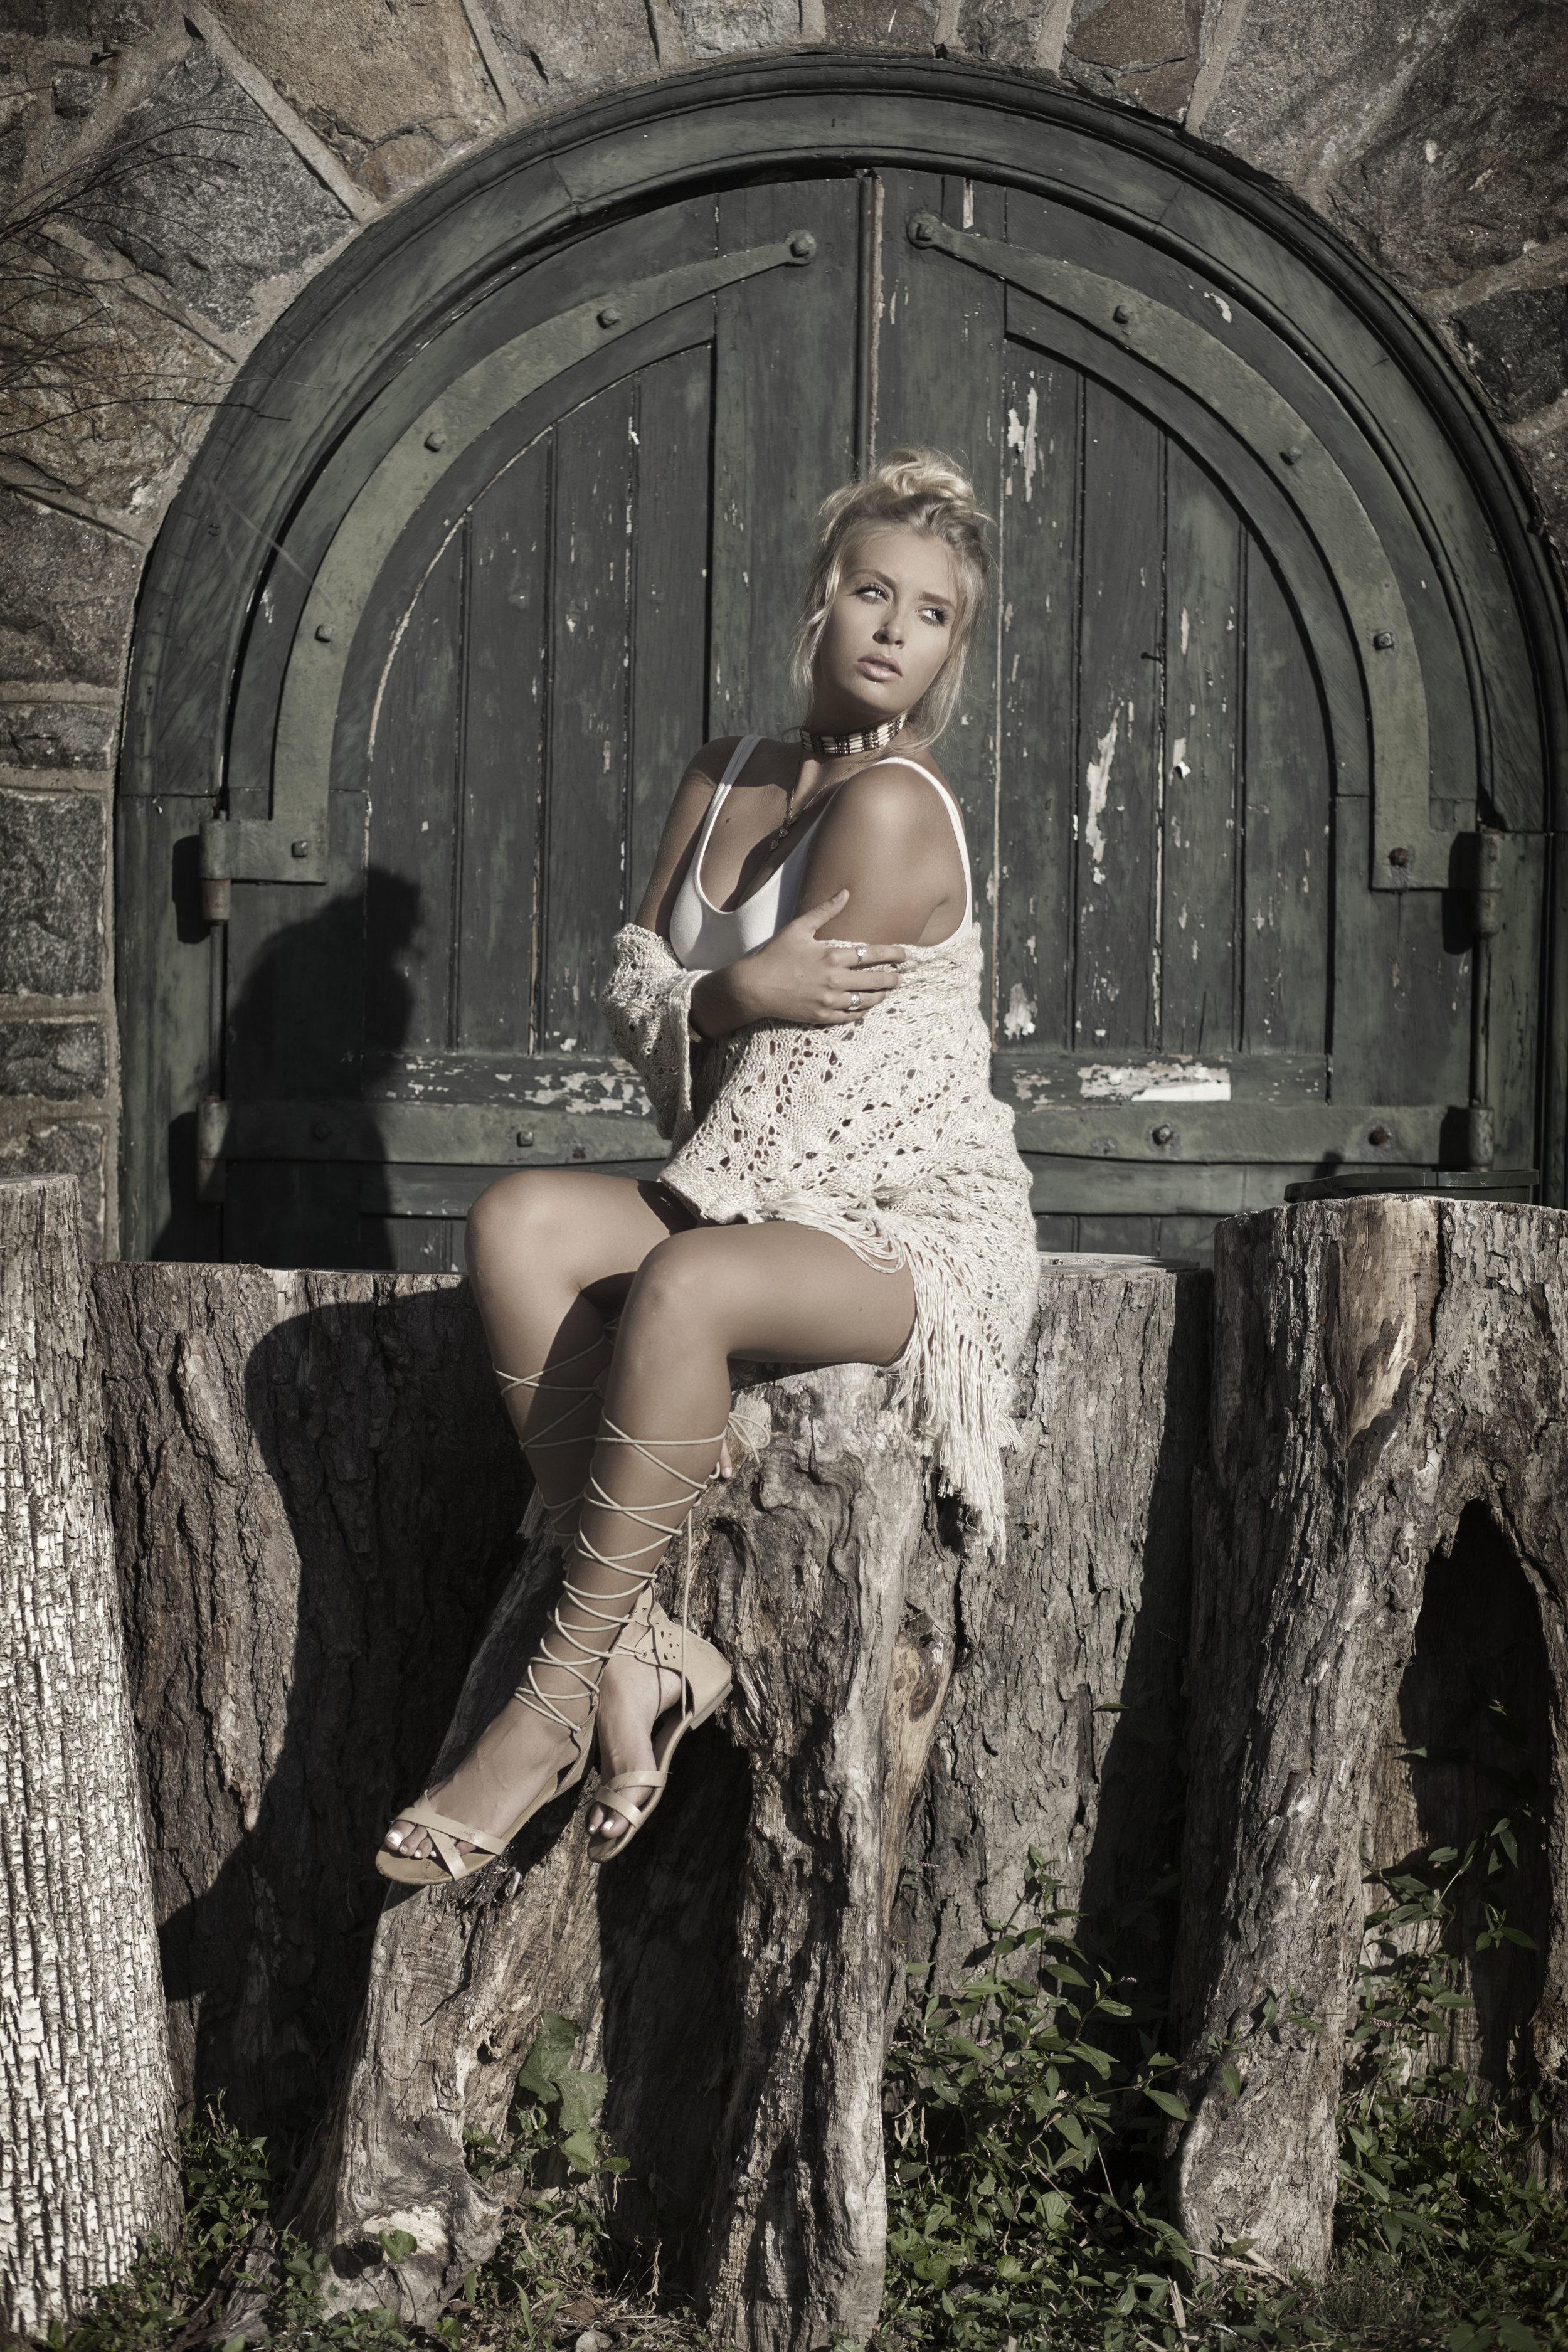 8-14-2016_Errol Ebanks_Abbie Dischert Delanie Dischert Lifestyle_208.jpg